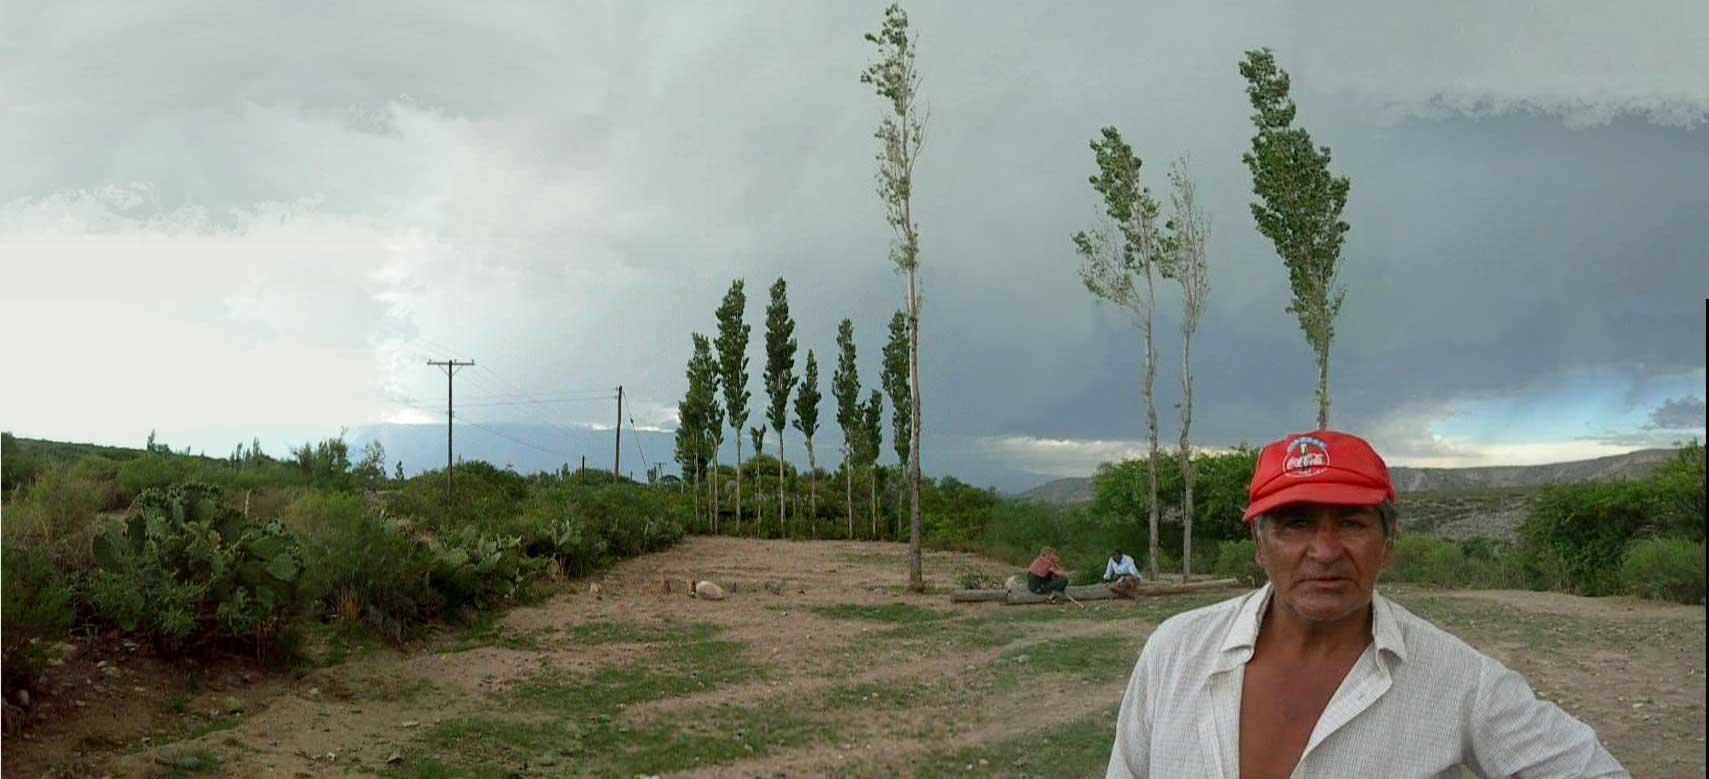 ricardoterrain2007.jpg